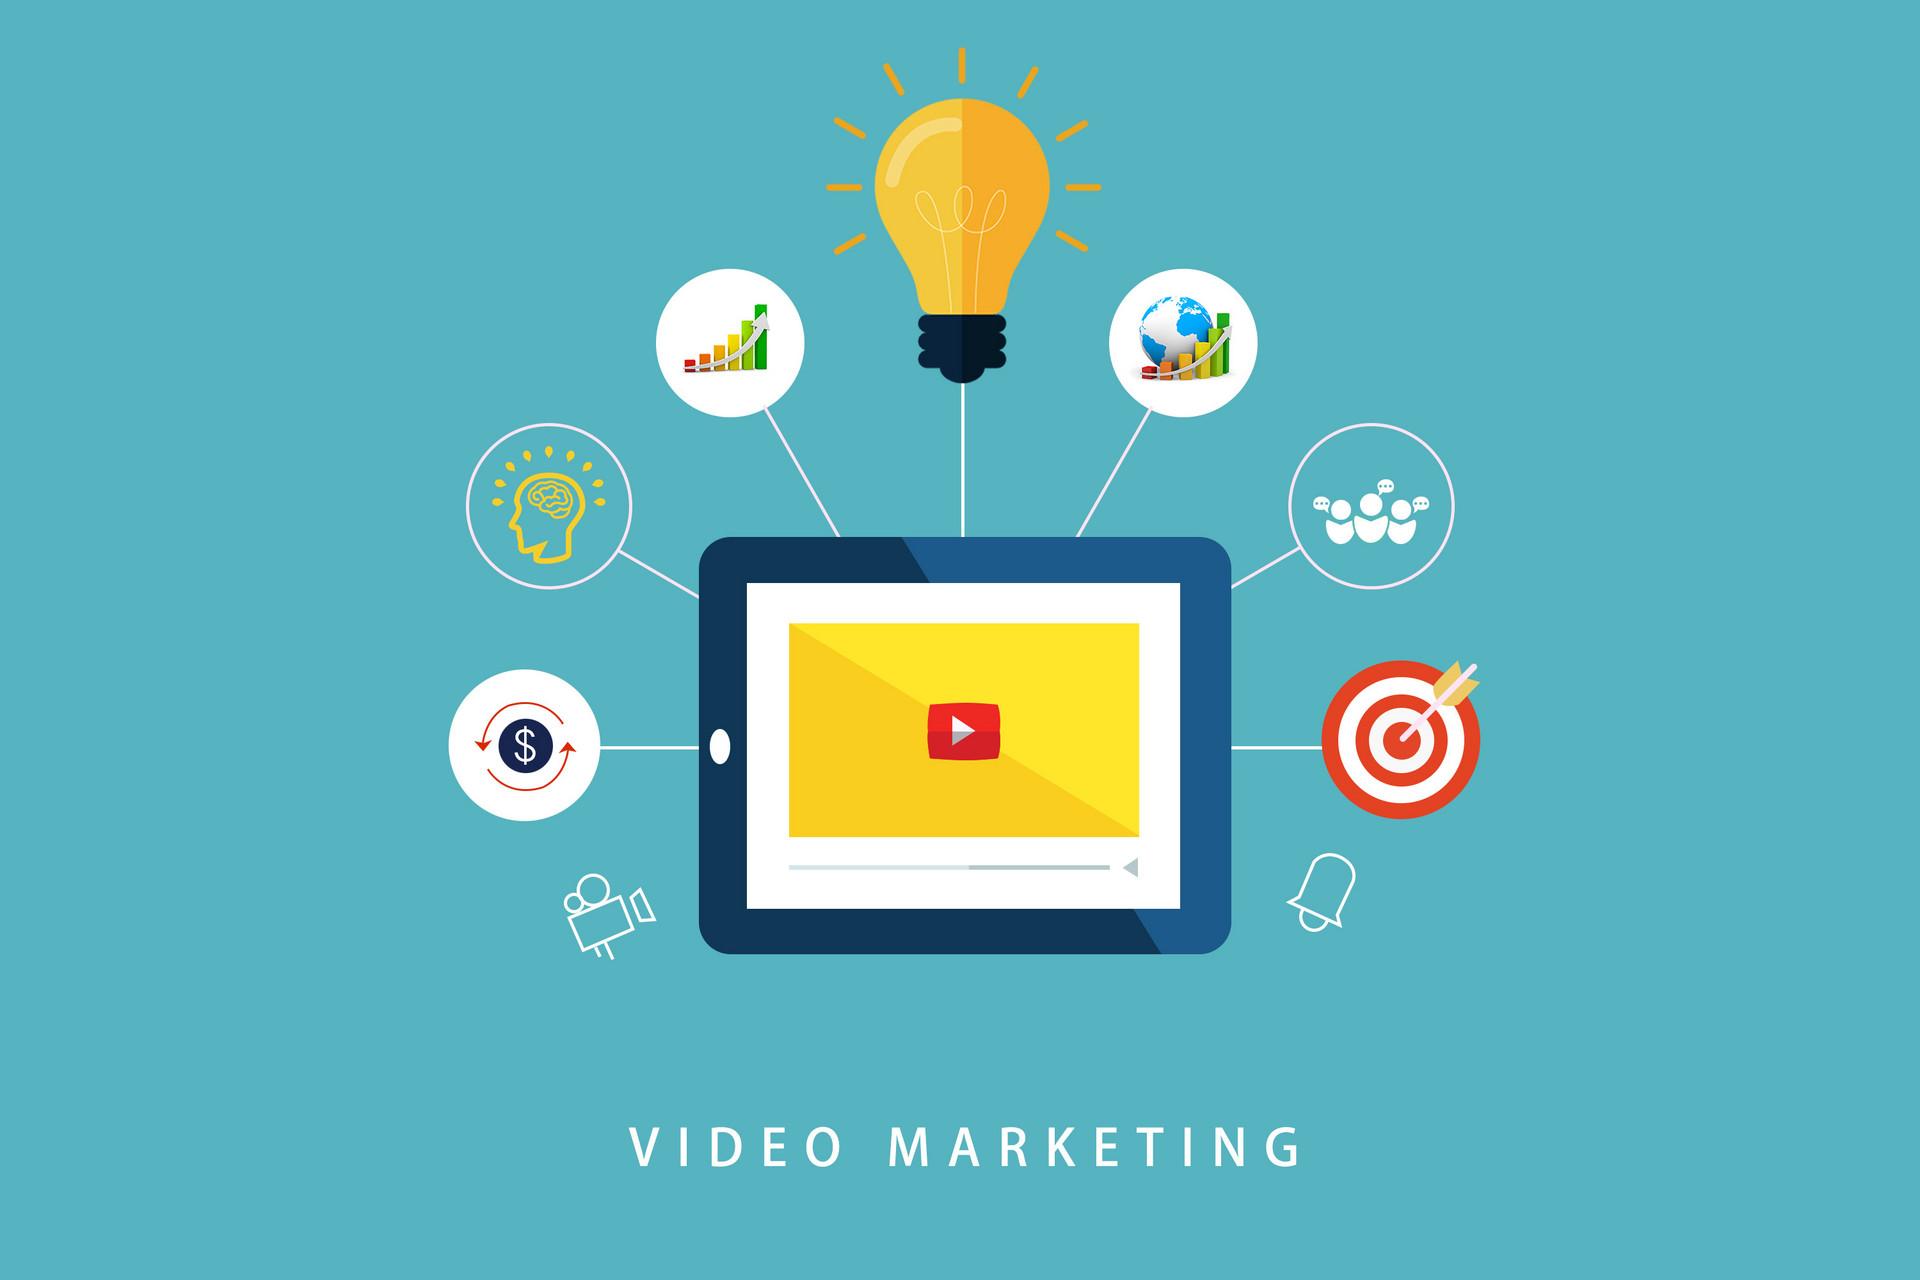 有生之年,我们能看到视频网站盈利吗?